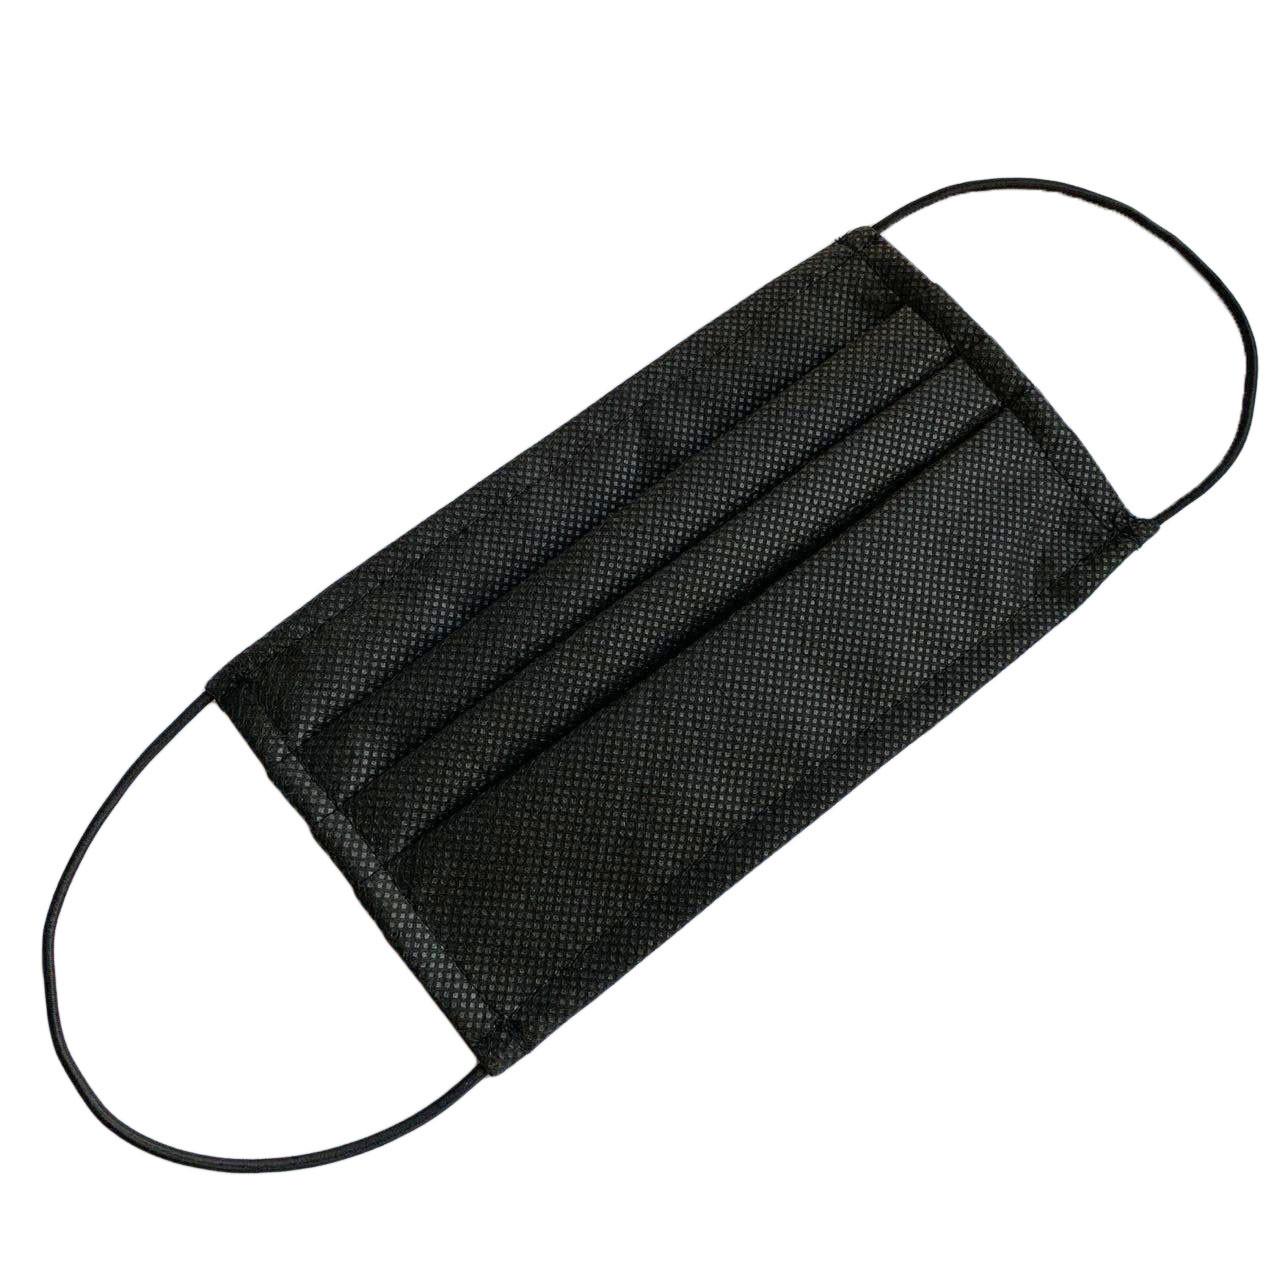 Набор защитных масок GoodMask 10 шт Черные (20238)